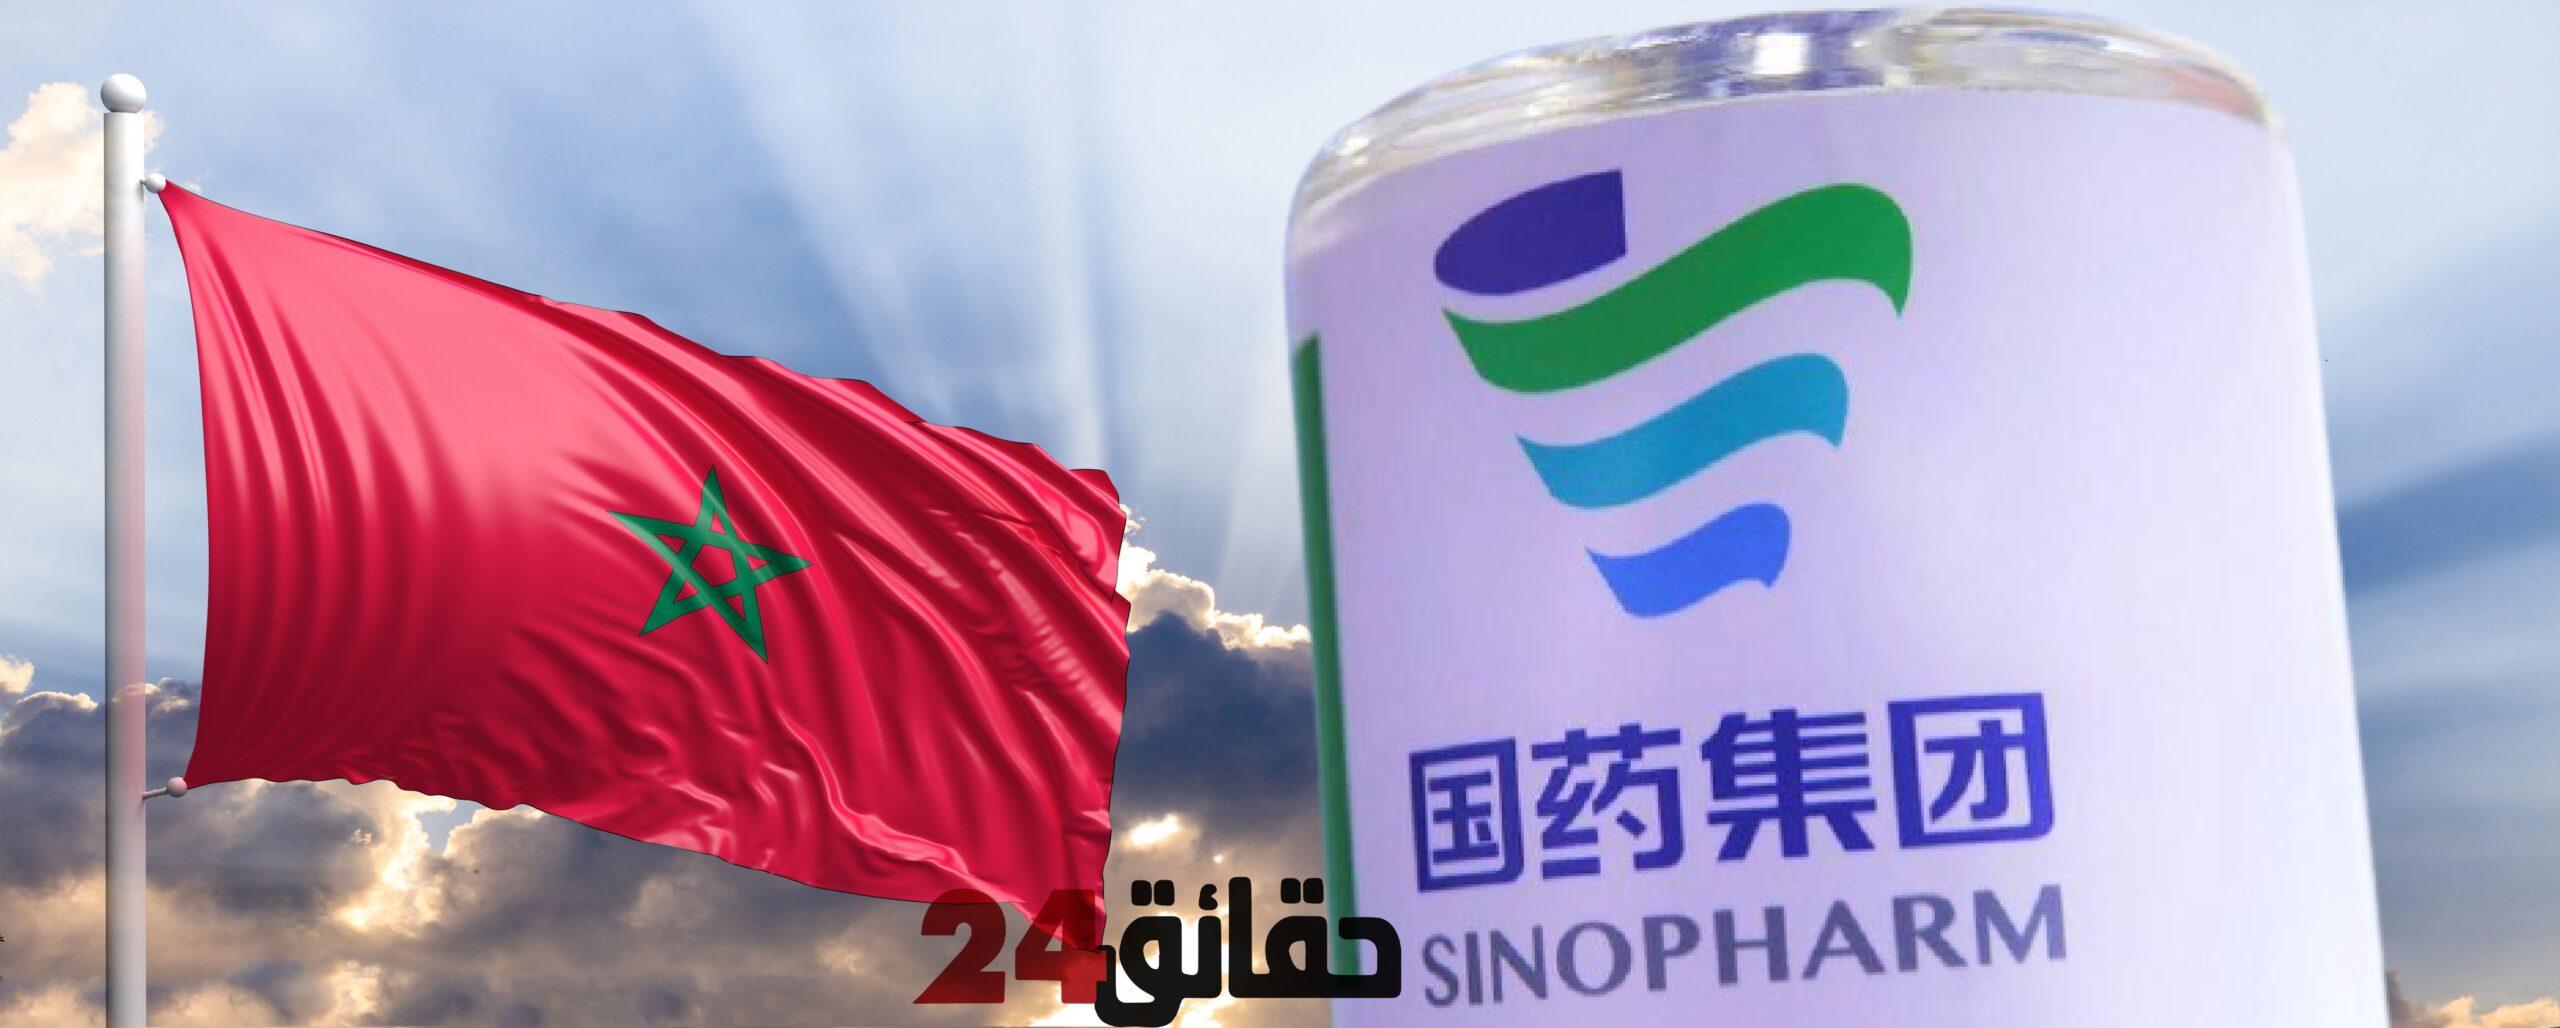 صورة بعد الهند .. المغرب يتوصل بأول دفعة من اللقاح الصيني